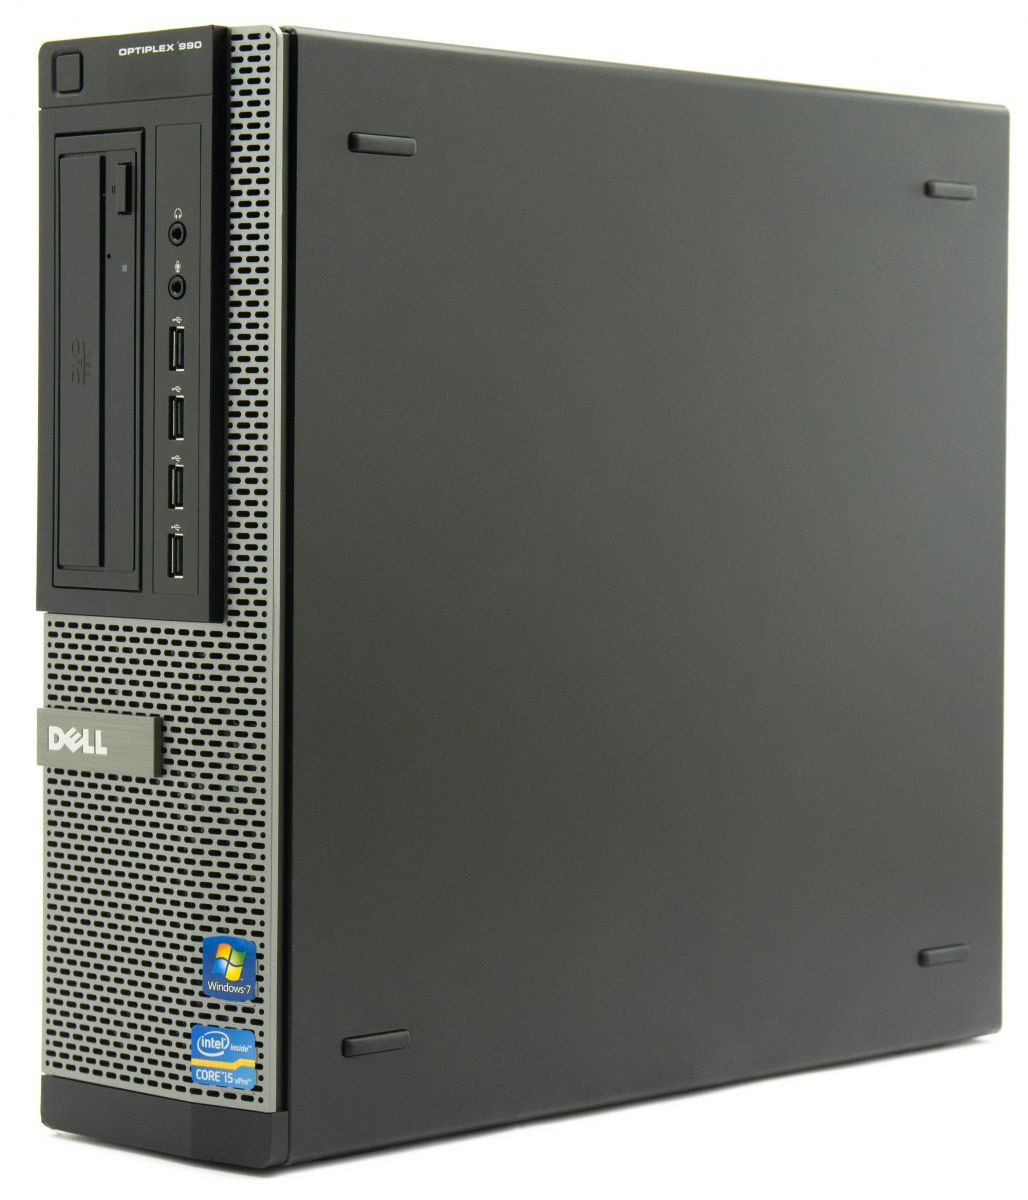 Dell OptiPlex 990 Desktop Computer Intel Core i5 (2400) 3 1